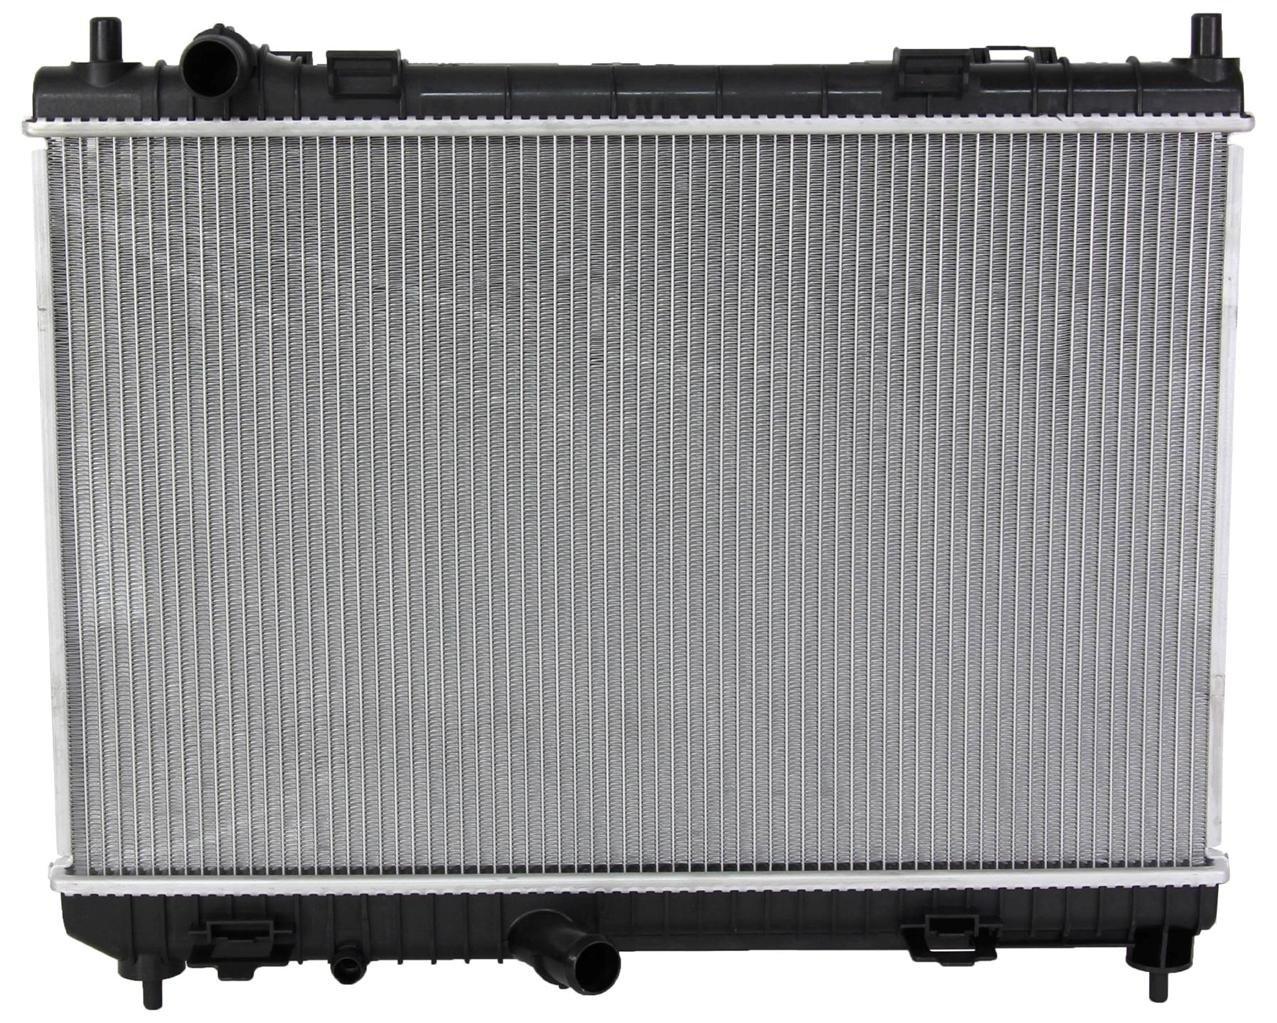 Nueva Asamblea Radiador para Ford 11 - 13 fiesta fo3010296 ae8z 8005 B Plástico/Aluminio ae8z 8005 B fo3010296: Amazon.es: Coche y moto